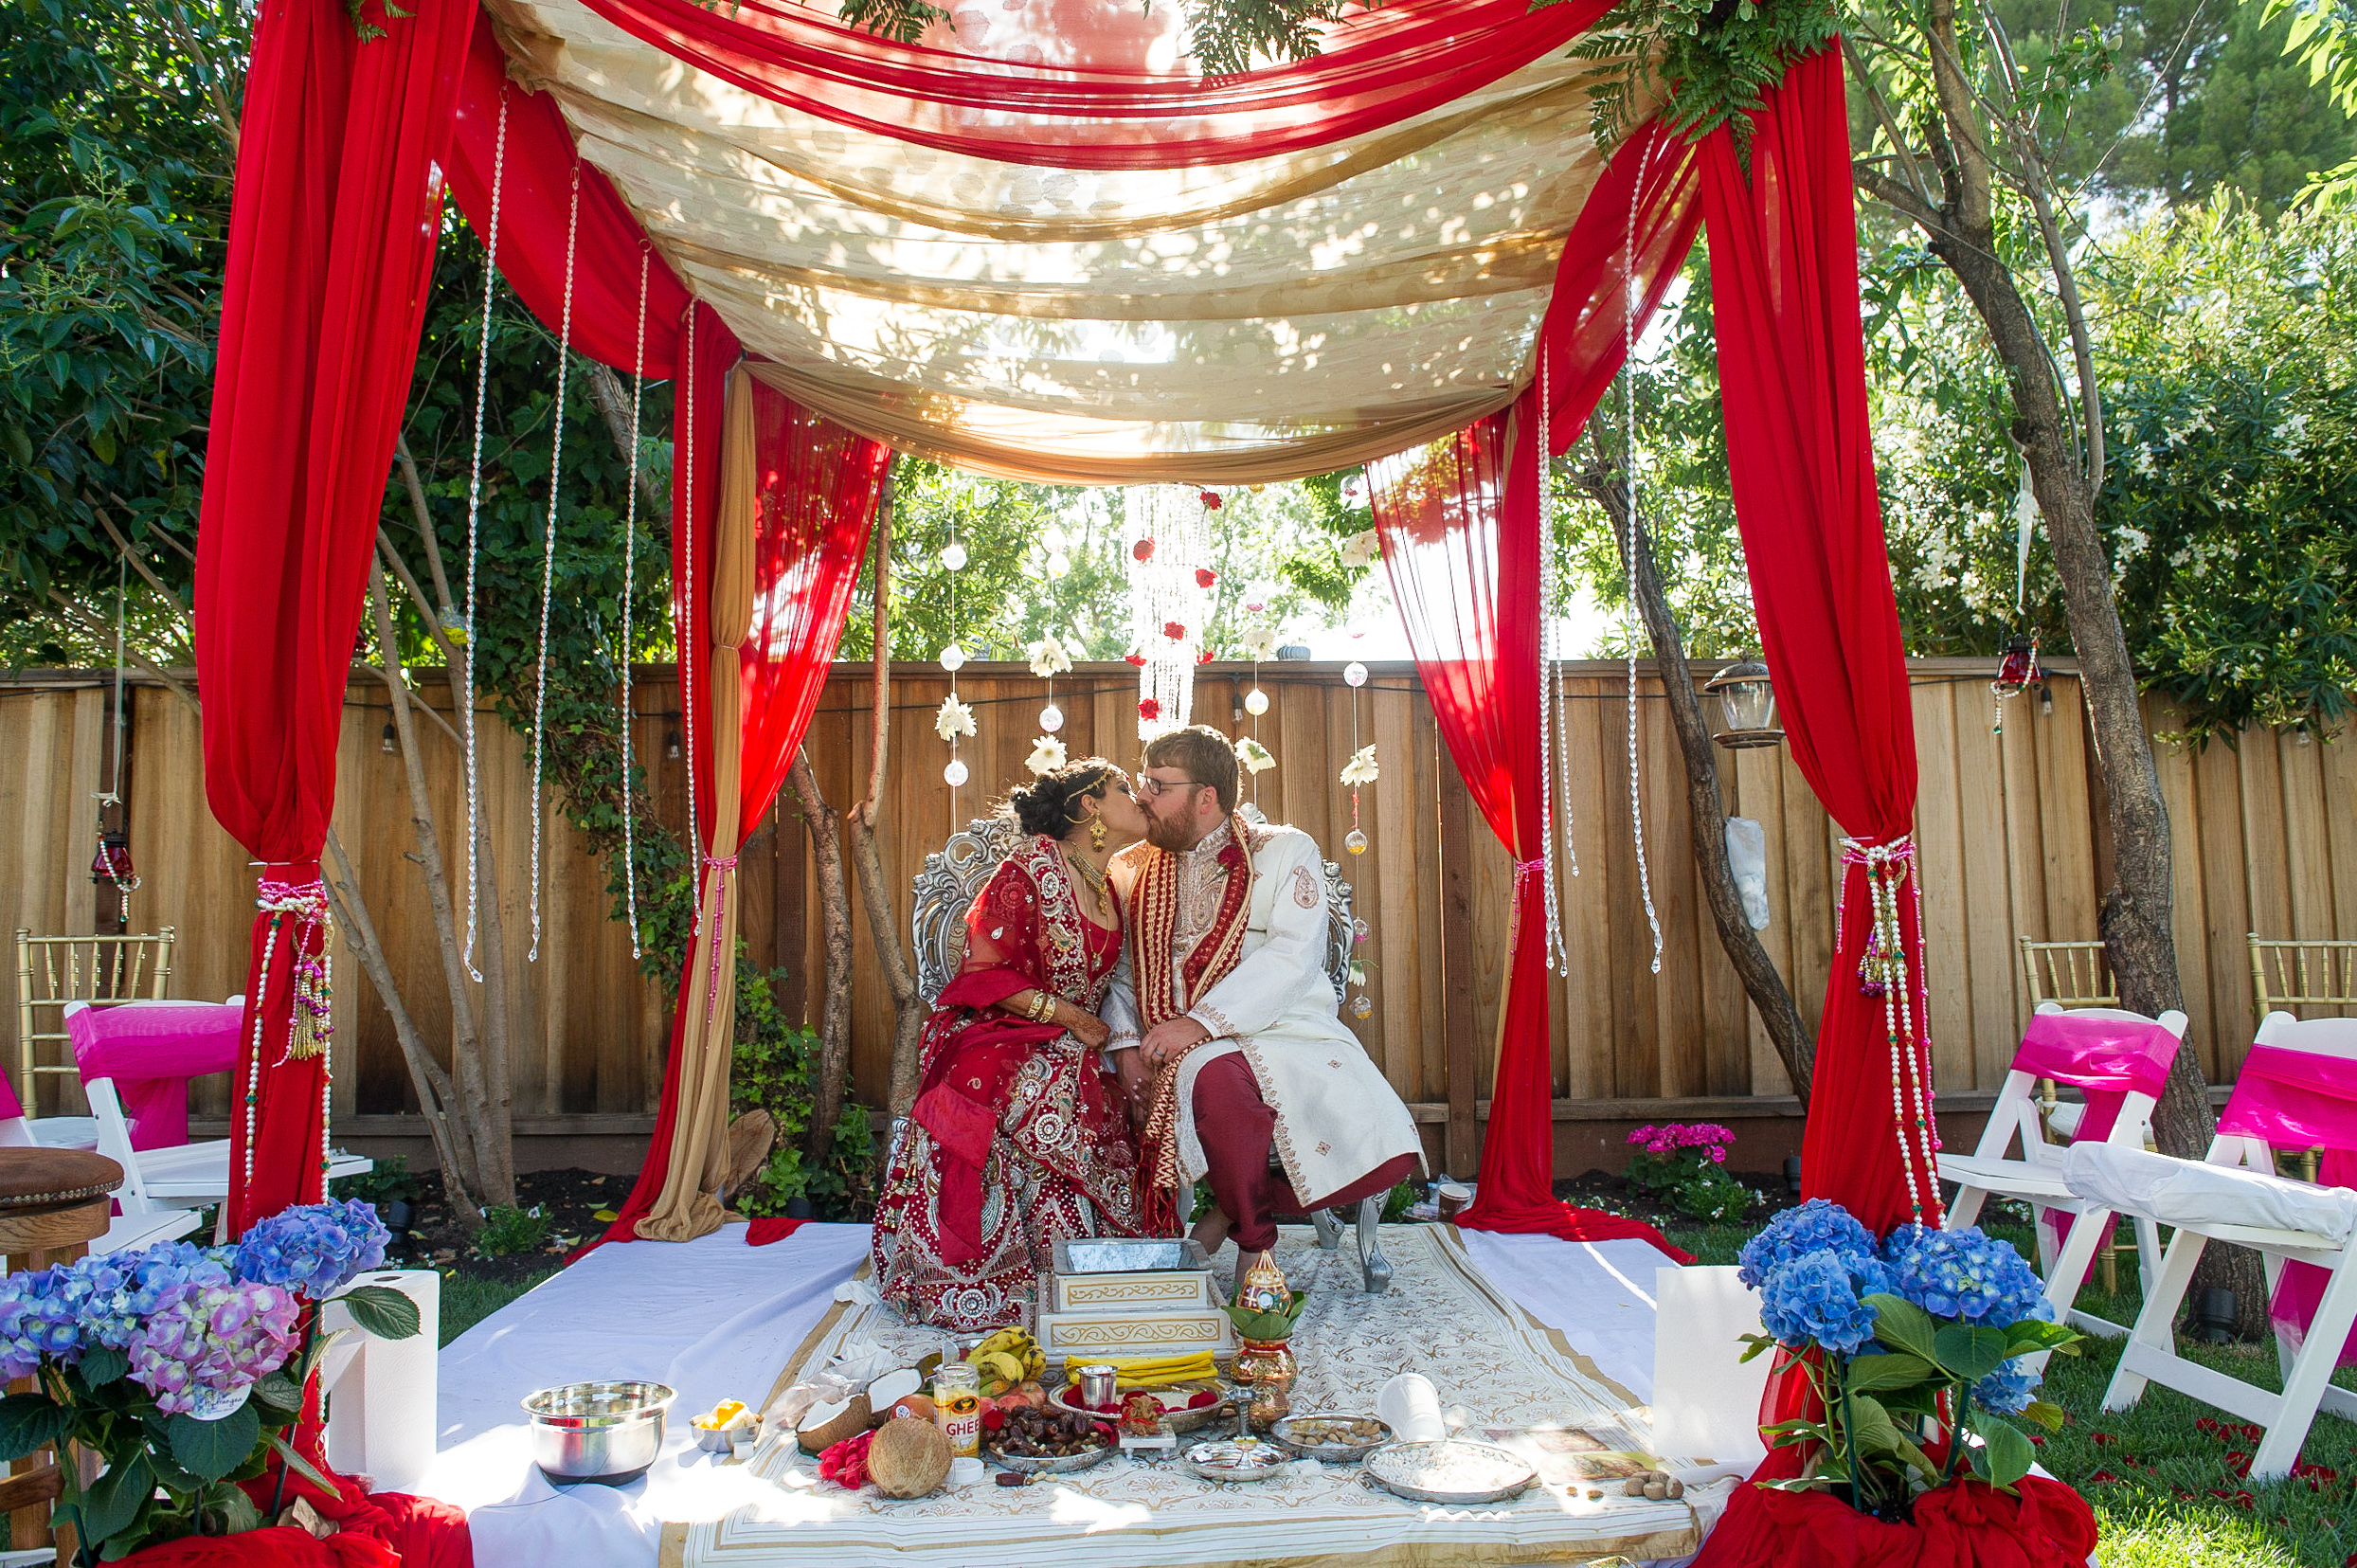 20150509-Meg-and-Thomas-Wedding-1226-D3S_1676.jpg